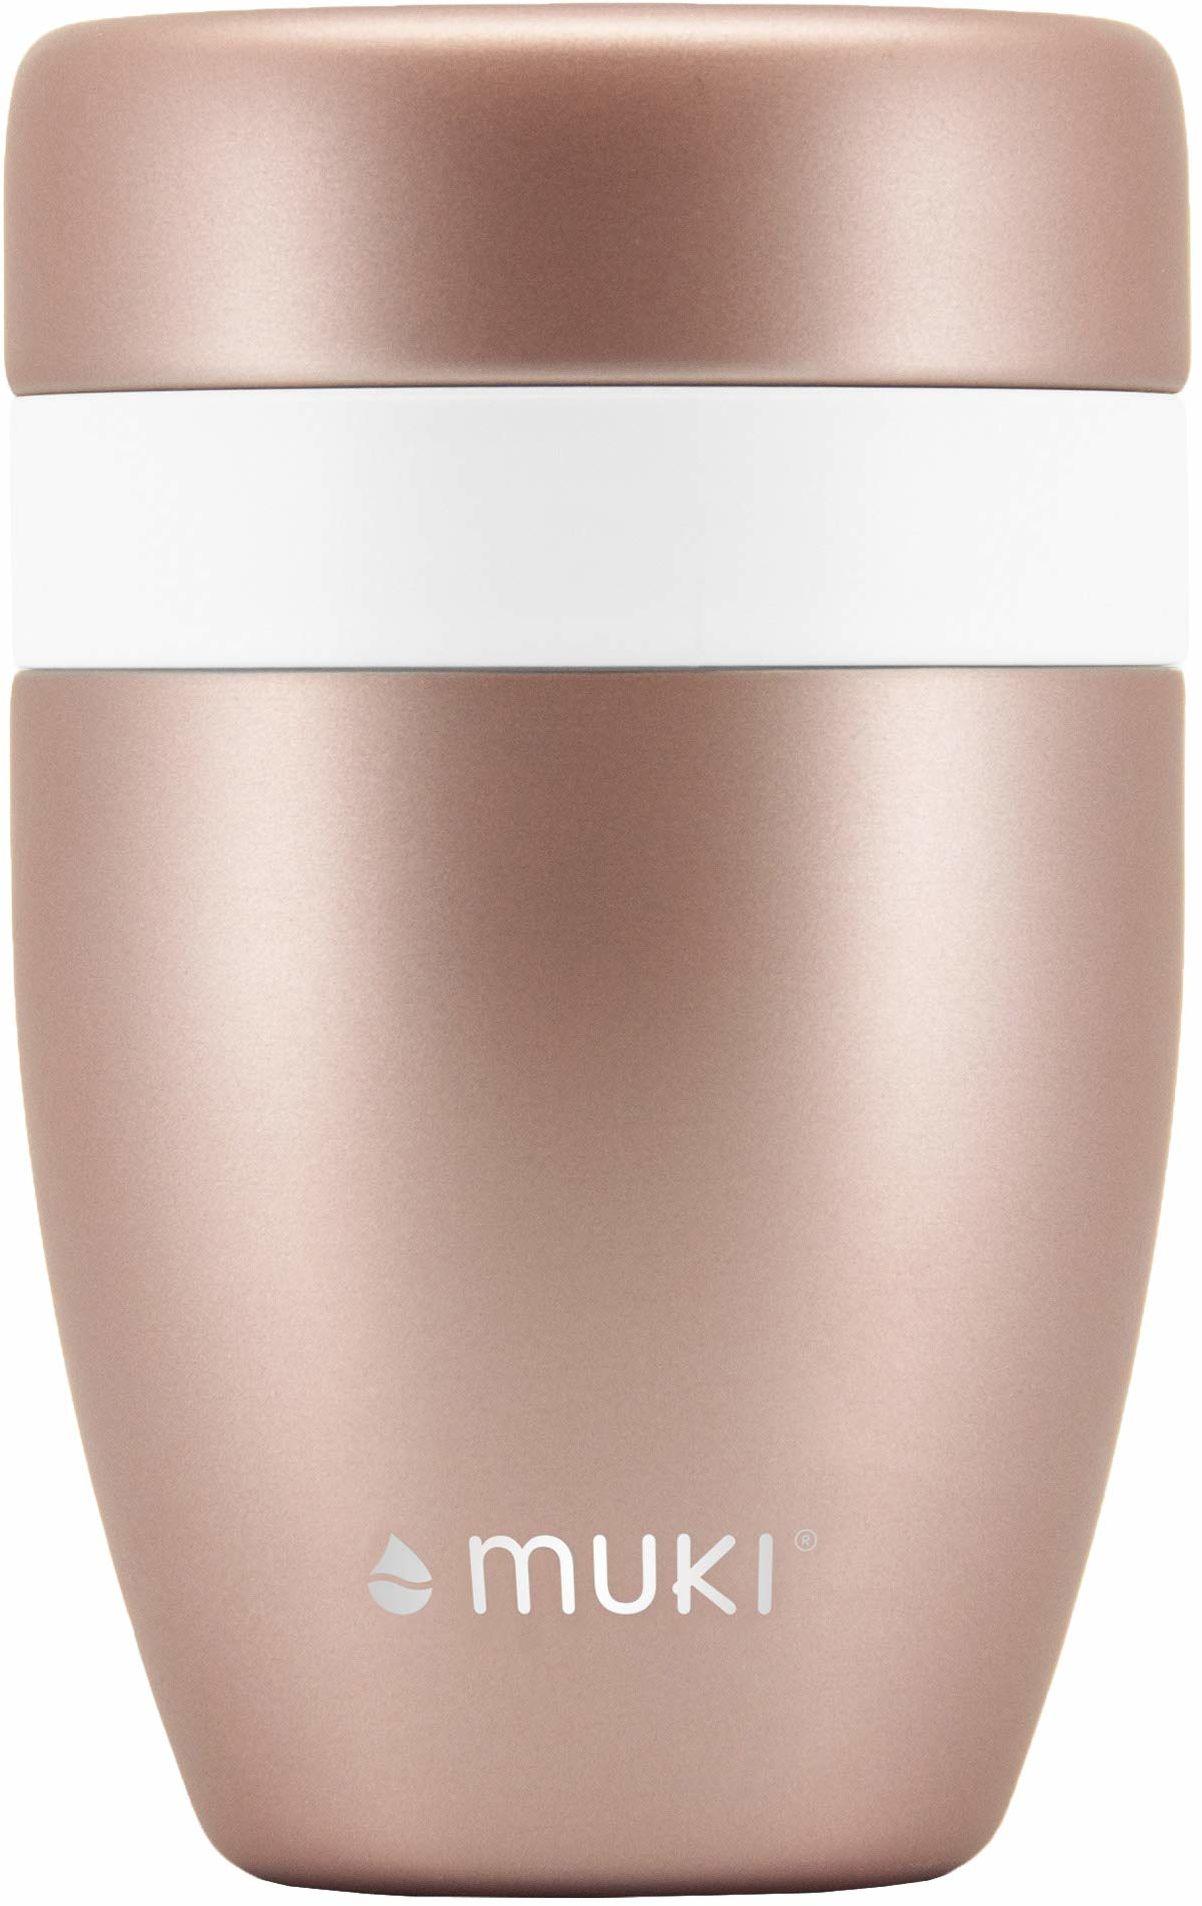 muki Snackpot w kolorze różowego złota ze stali nierdzewnej  izolowany próżniowo  Pojemnik na przekąski utrzymuje świeżość i chłód przez wiele godzin  bez BPA i nierdzewny  550 ml